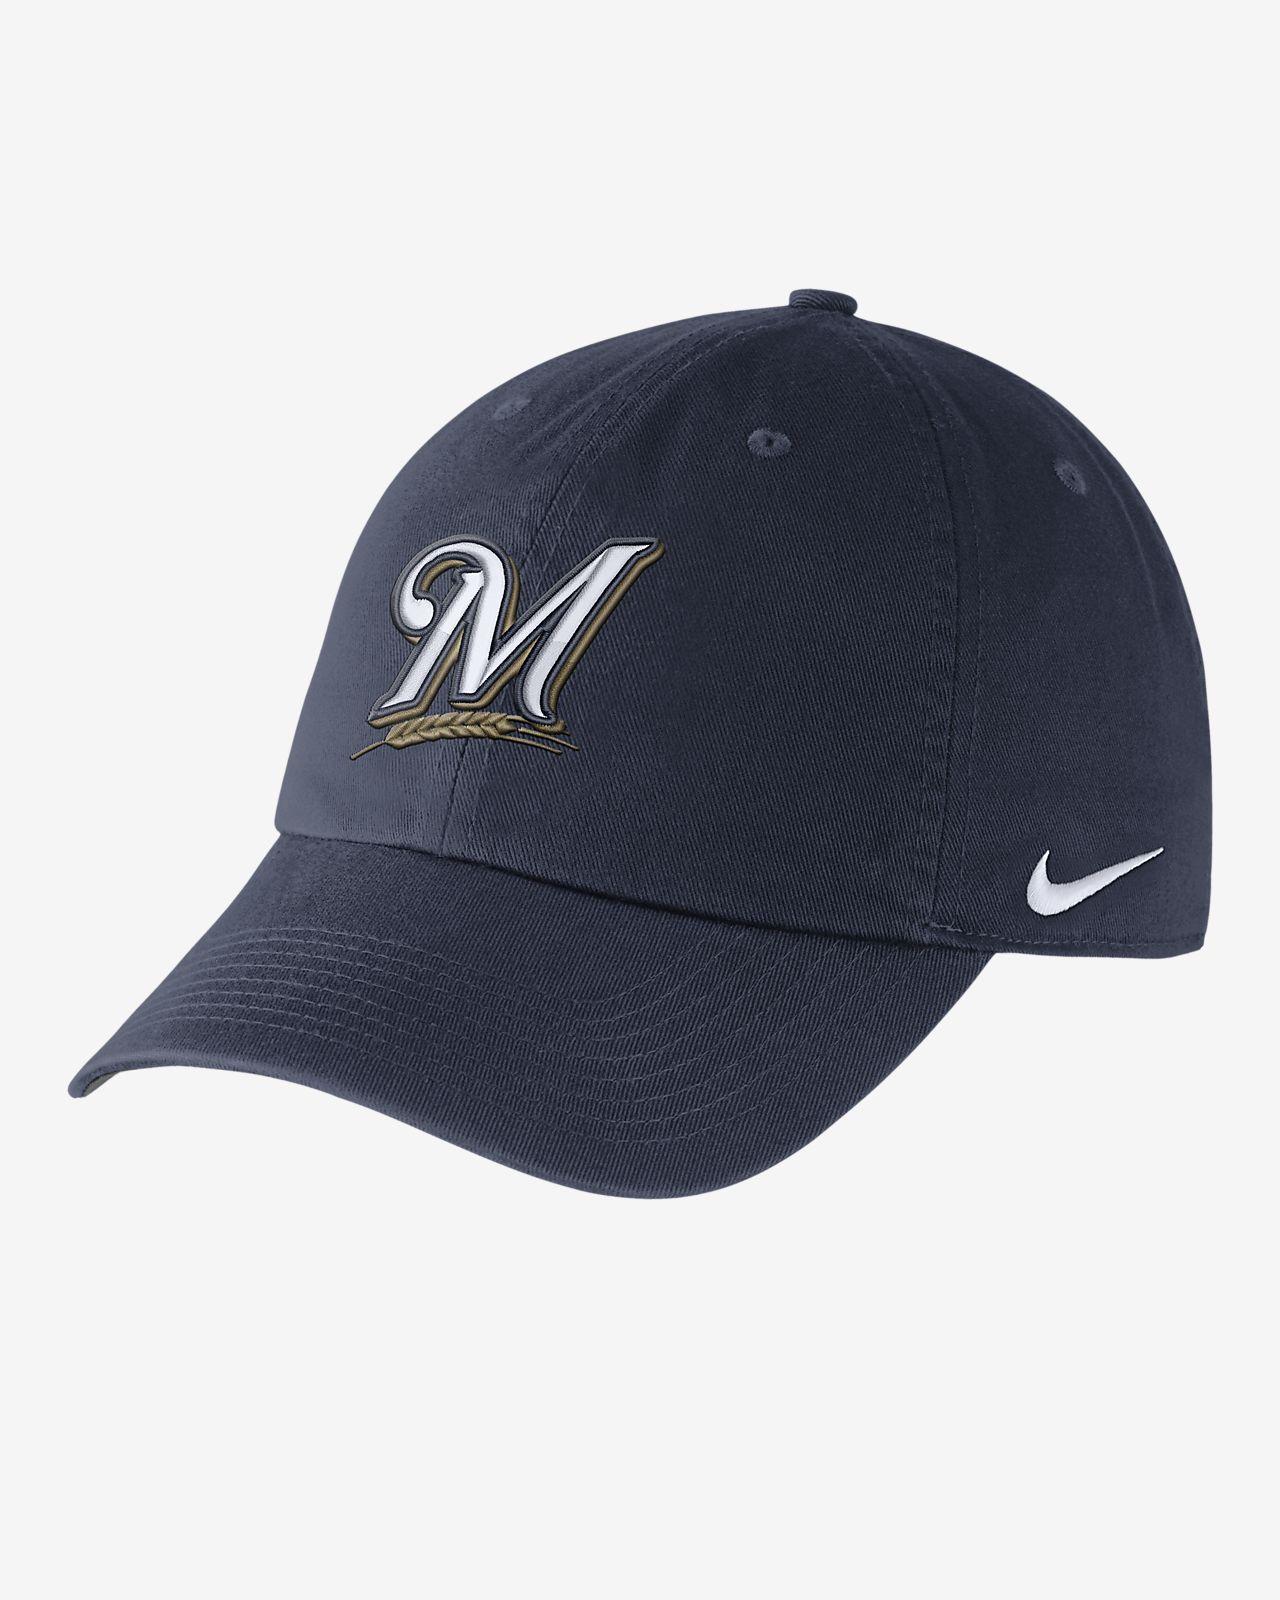 aee8fa38a48 Nike Heritage 86 Stadium (MLB Brewers) Adjustable Hat. Nike.com